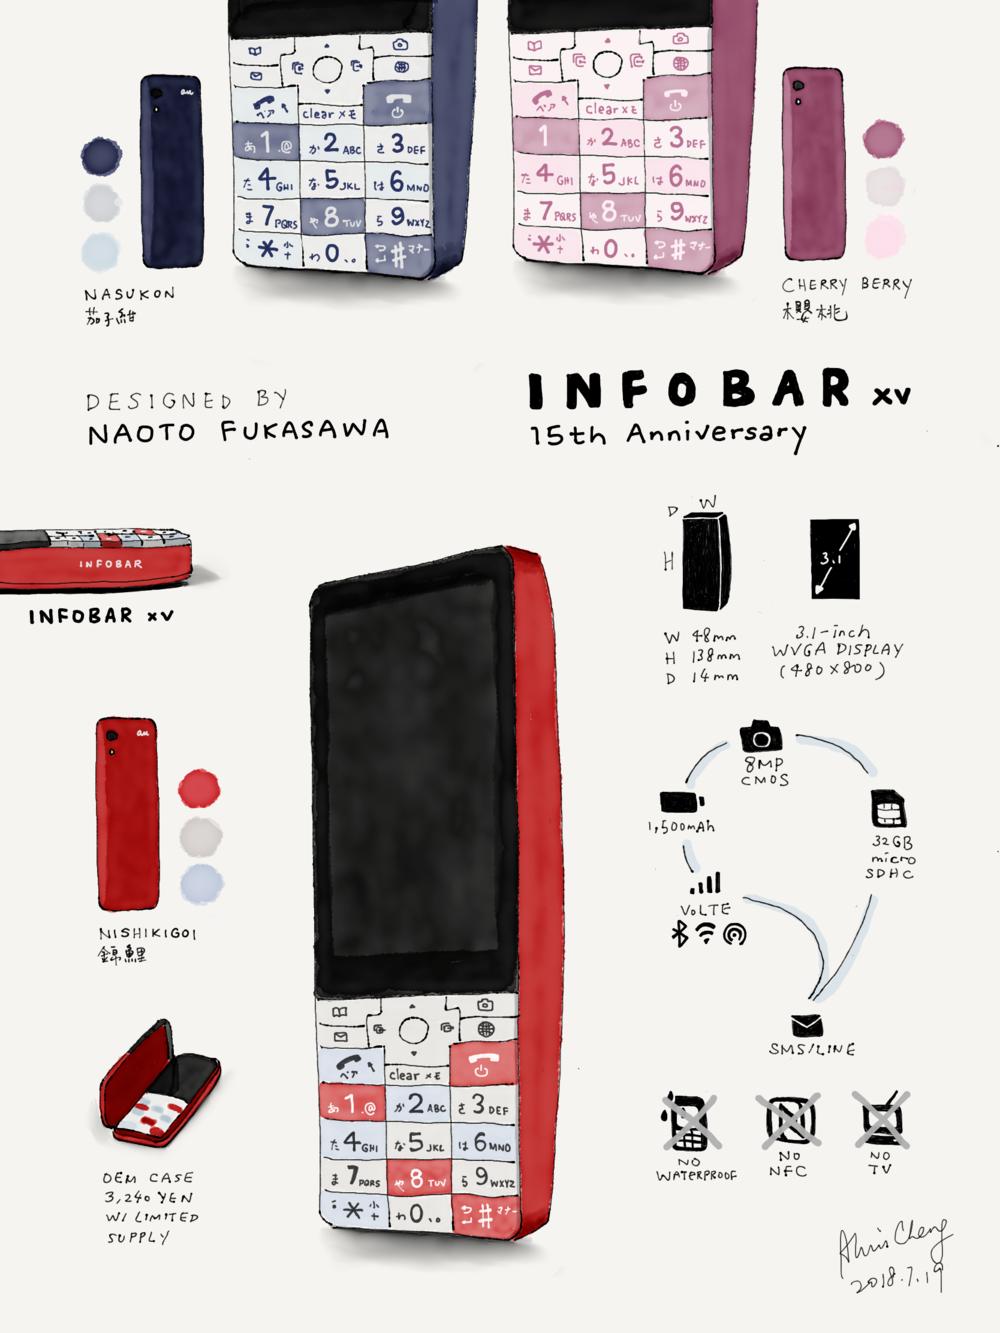 深澤直人設計的手機:Infobar XV